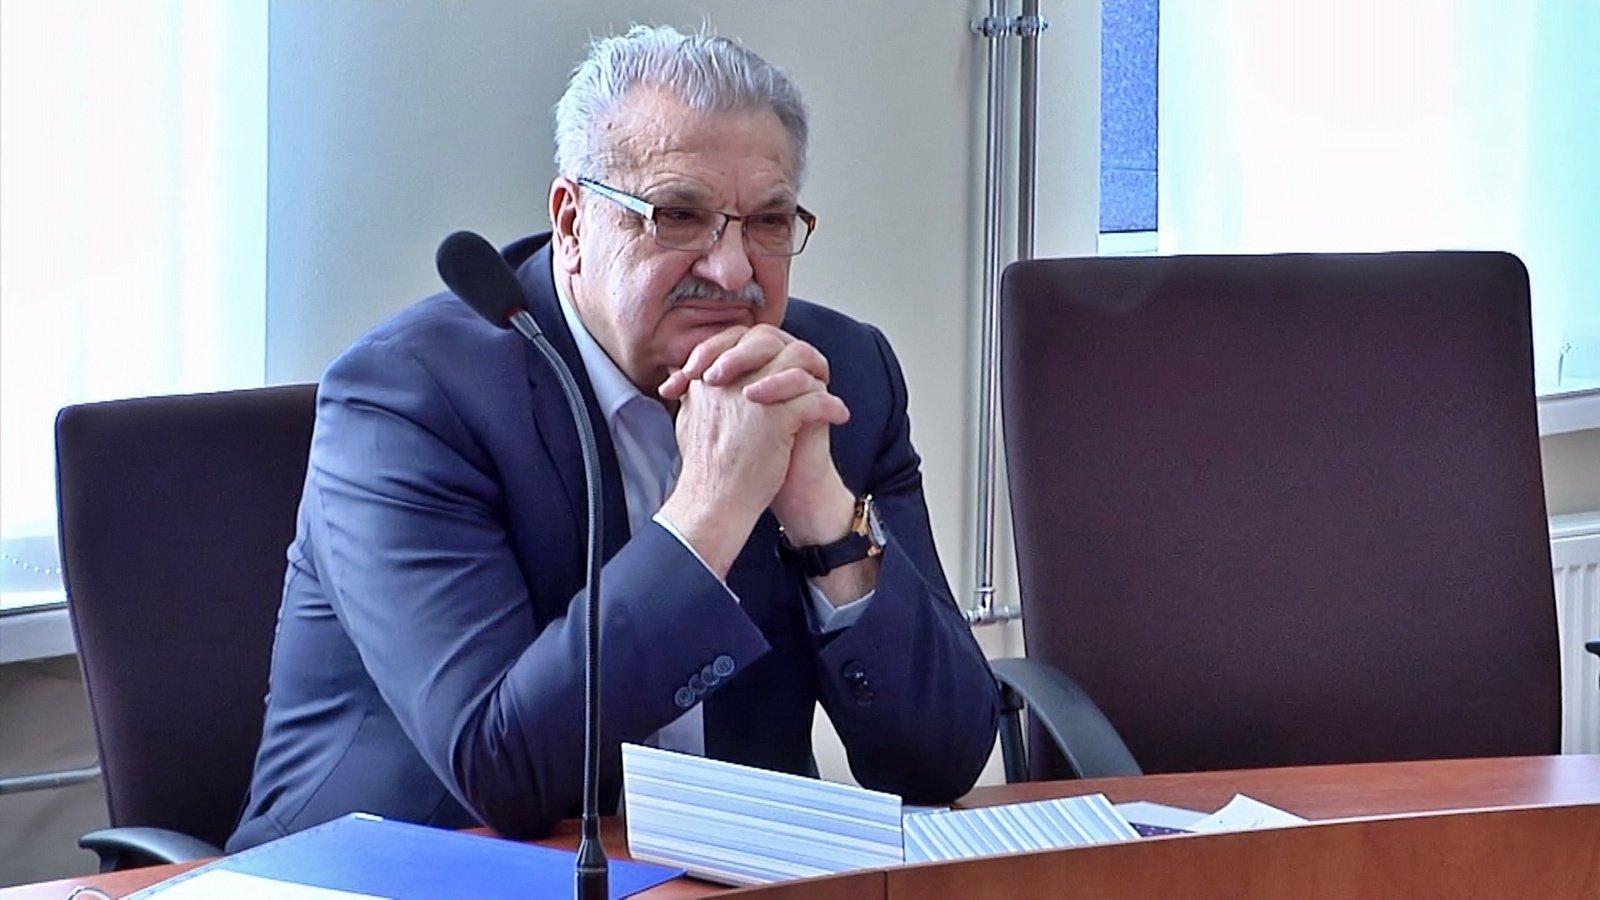 Teismas buvusiam Šiaulių krepšinio klubo vadovui A. Klimavičiui skyrė 19 tūkst. eurų baudą